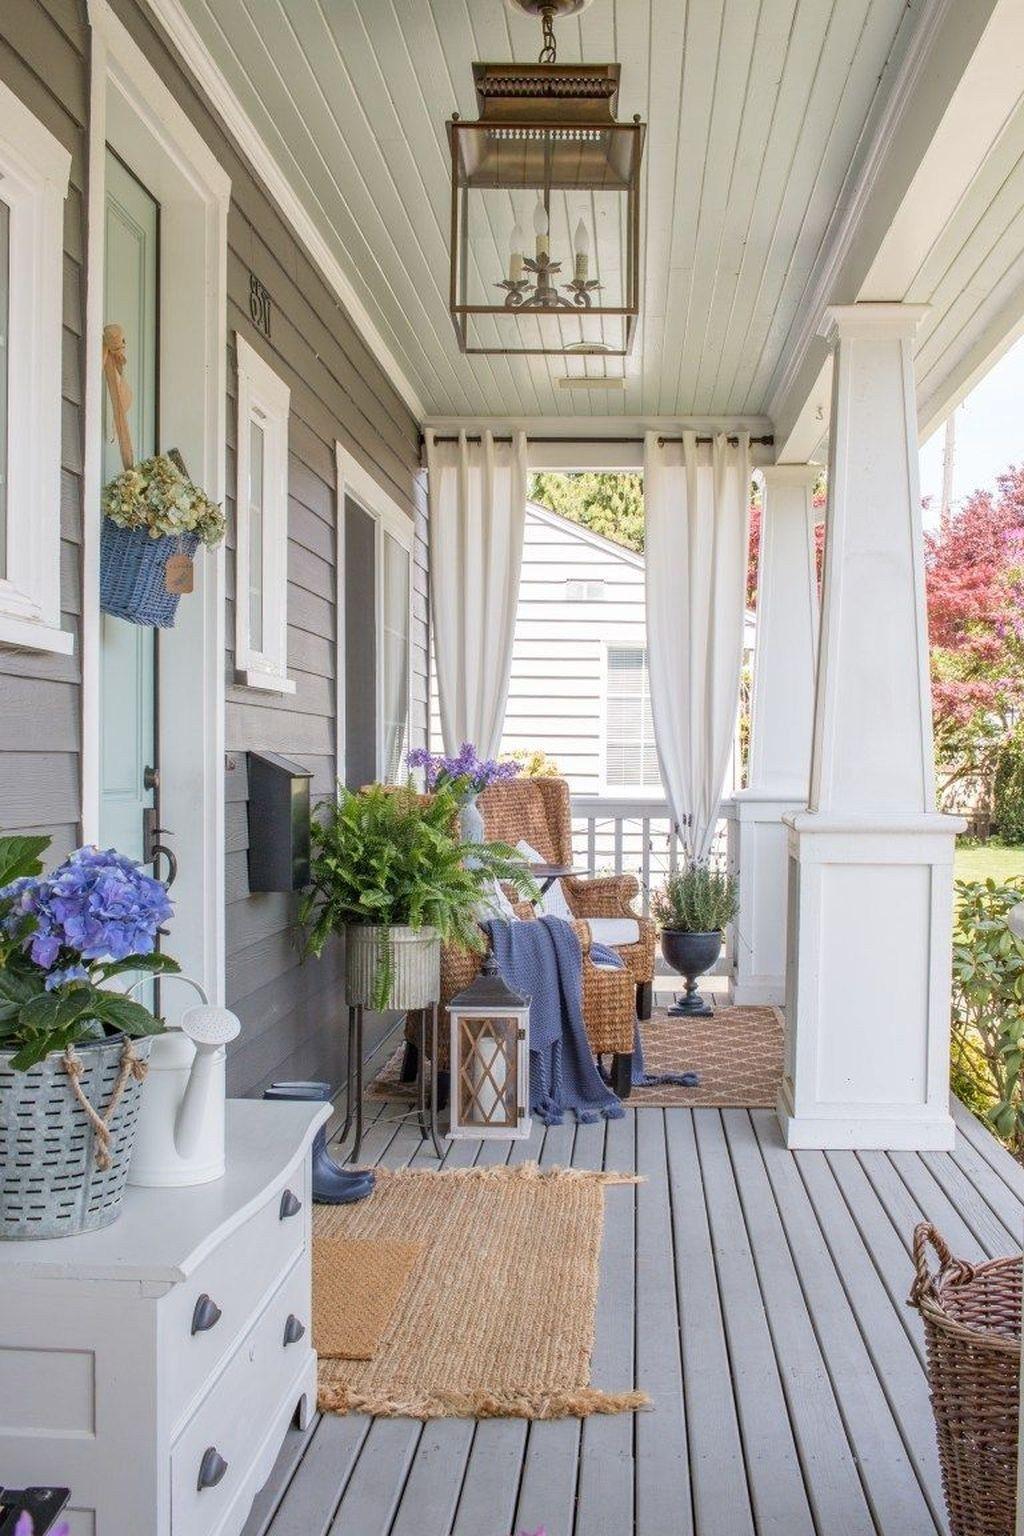 35 Inspiring Backyard Porch Ideas To Modify Your Ordinary Garden Trendehouse Porch Design Front Porch Design Summer Front Porches